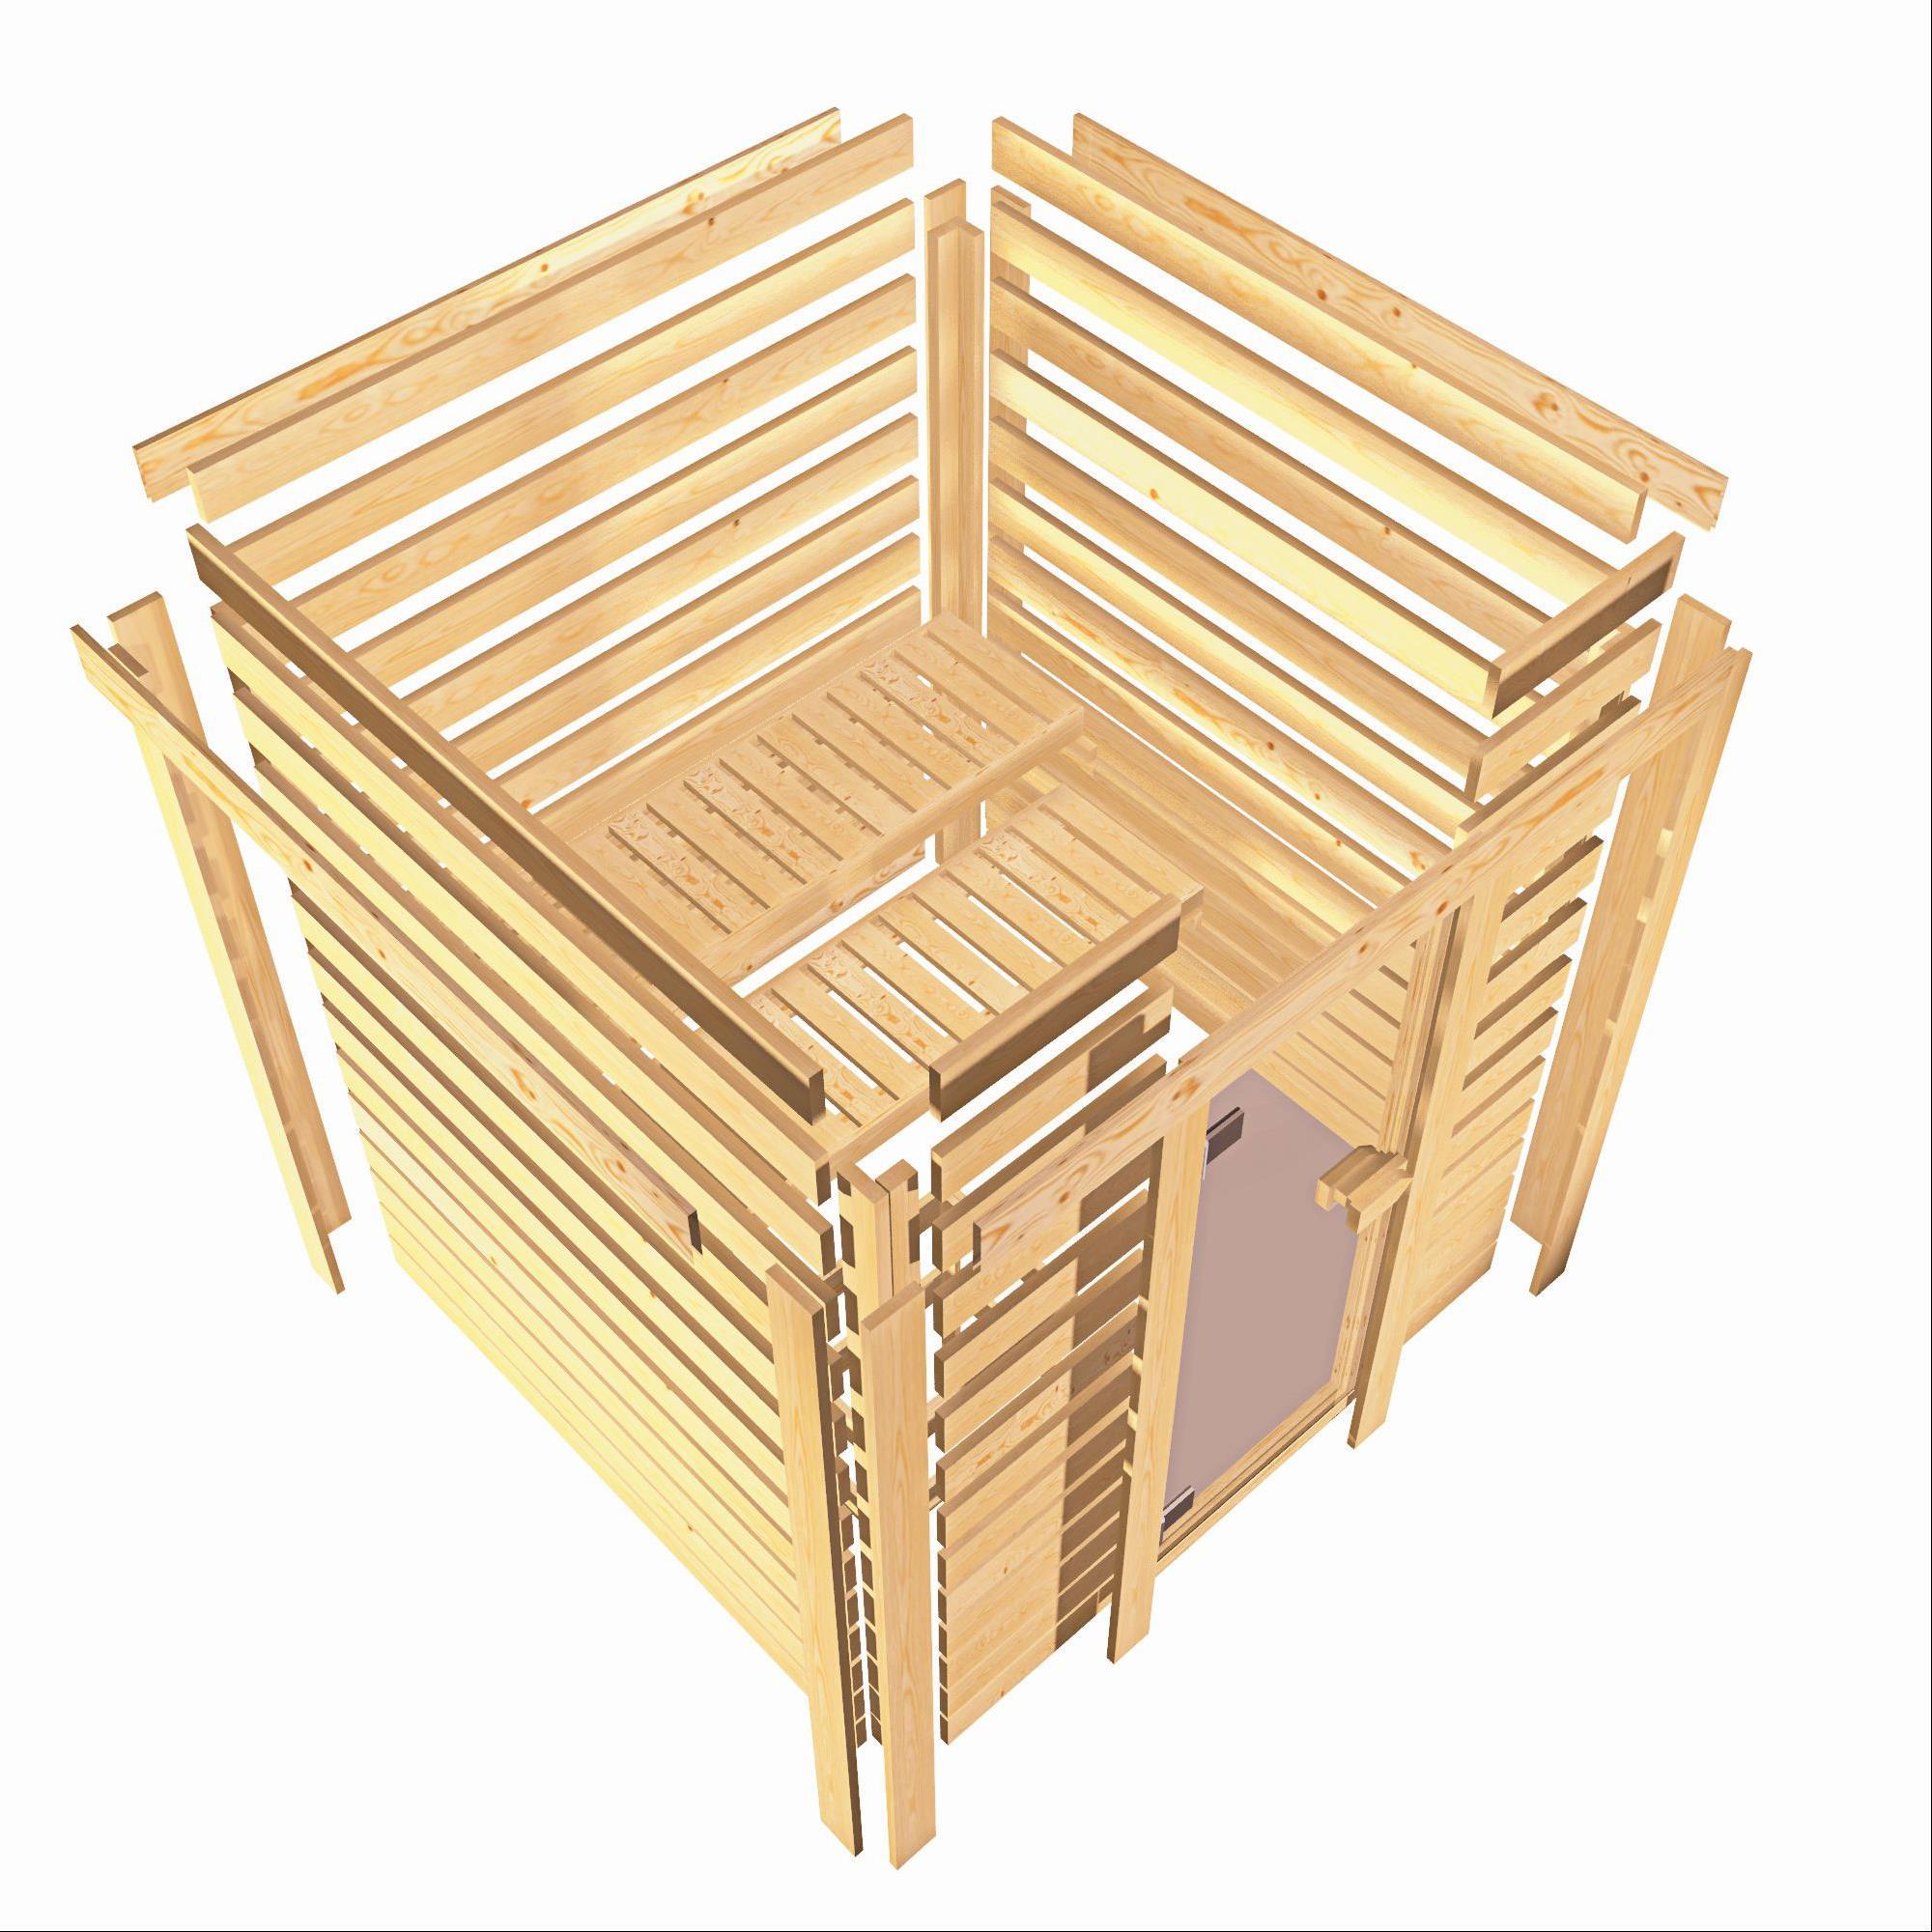 Woodfeeling Sauna Svenja 38mm Saunaofen 9kW intern Kranz Klarglas Tür Bild 4